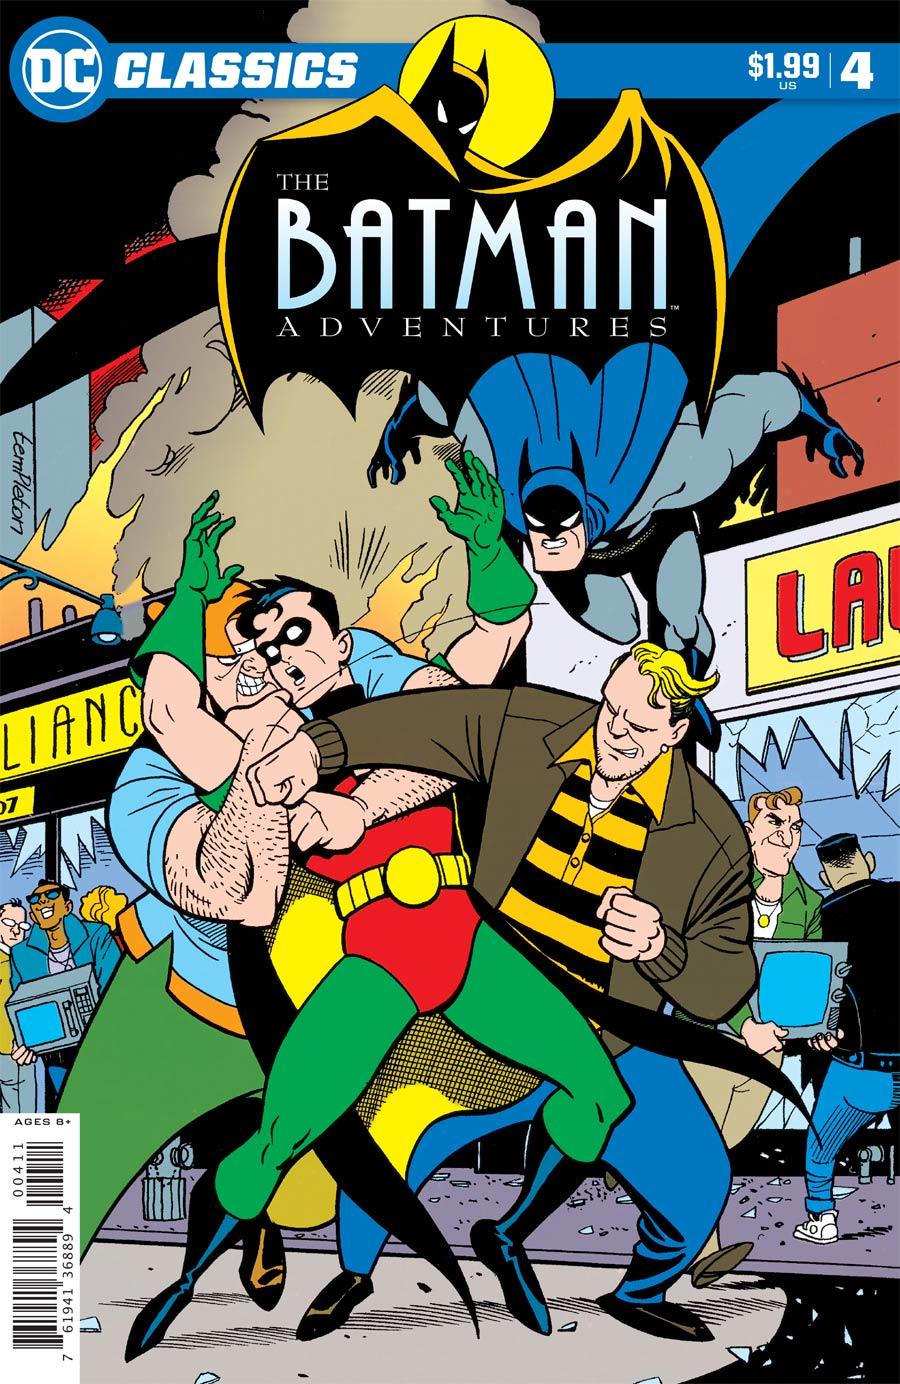 DC Classics Batman Adventures #4